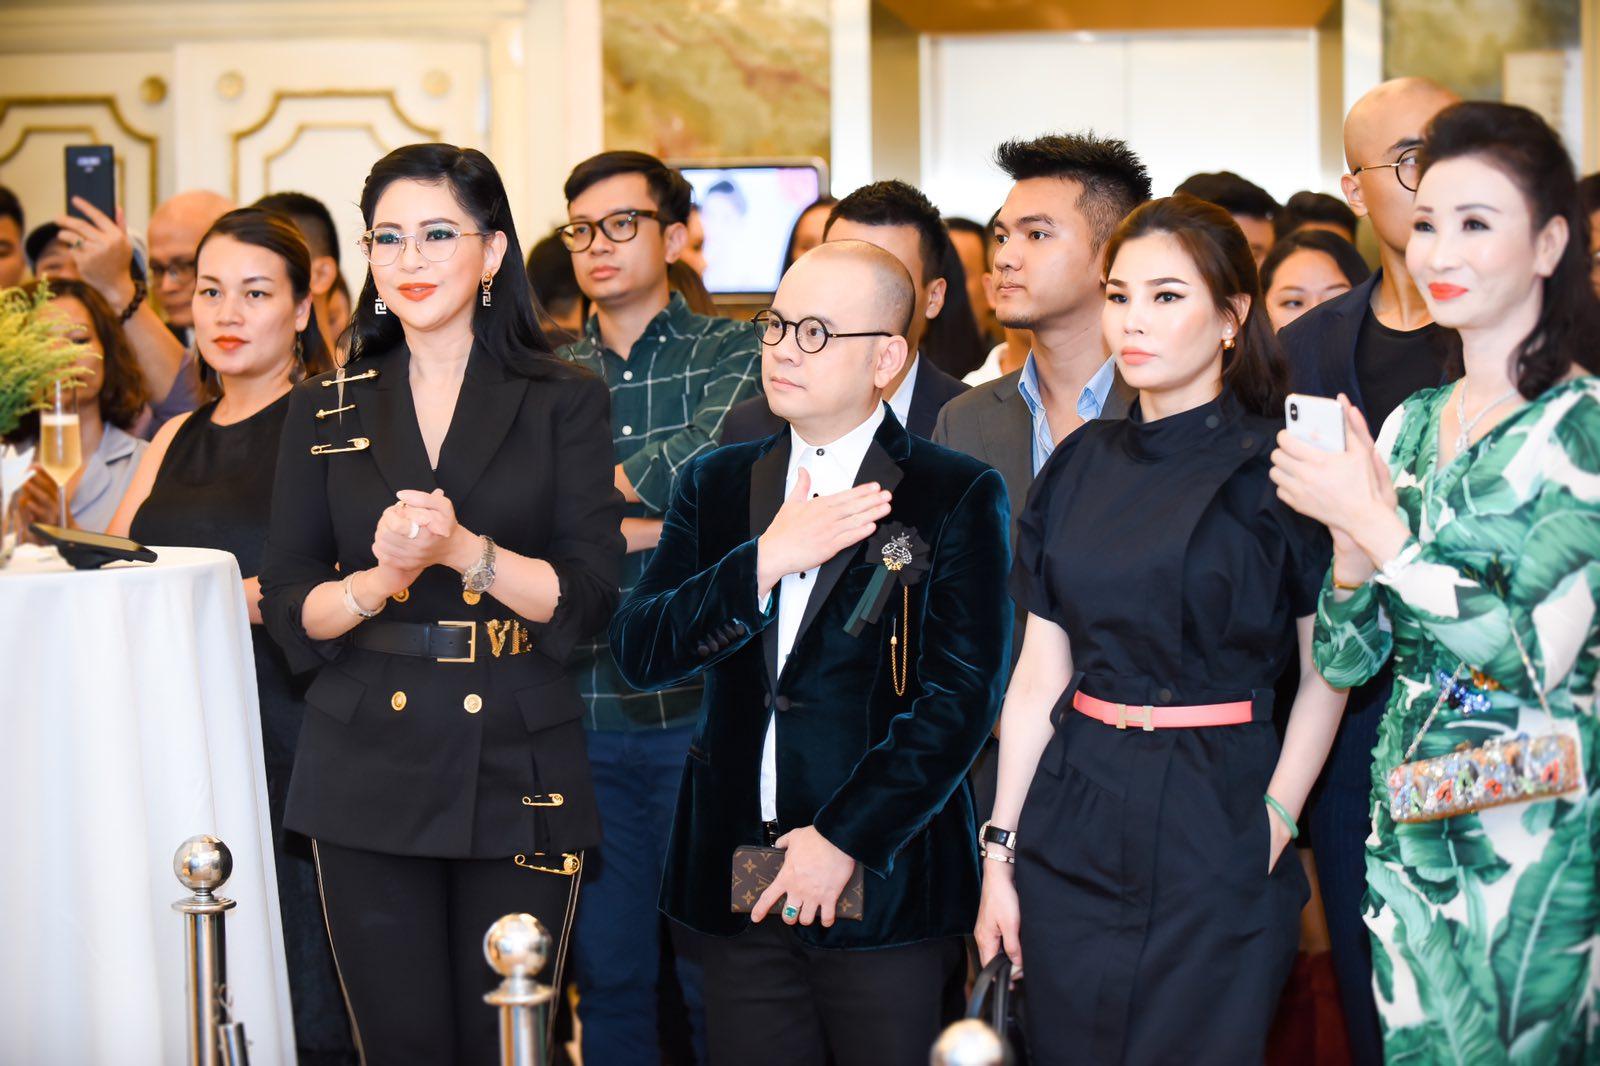 Doanh nhân Thủy Tiên, Doanh nhân Dương Quốc Nam và khách mời VIP chúc mừng cho sự kiện khai trương cửa hàng Rolex.